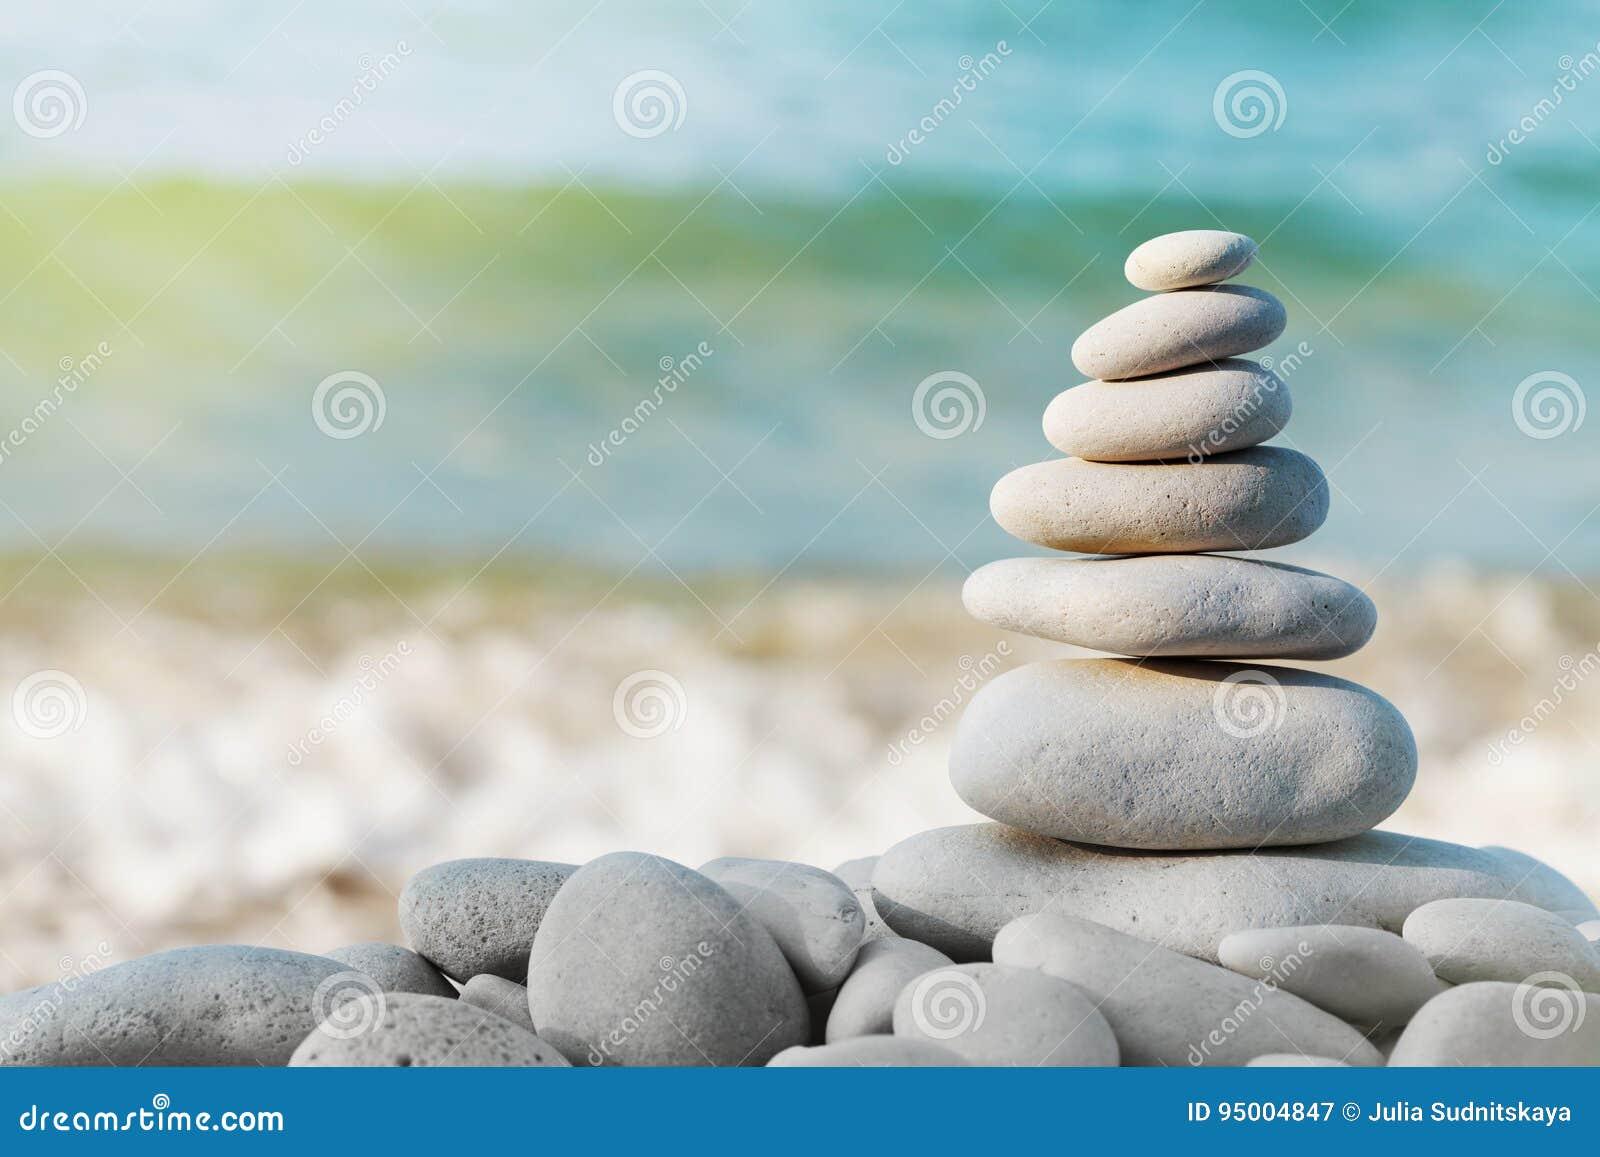 Σωρός της άσπρης πέτρας χαλικιών στο μπλε κλίμα θάλασσας για τη SPA, την ισορροπία, την περισυλλογή και zen το θέμα